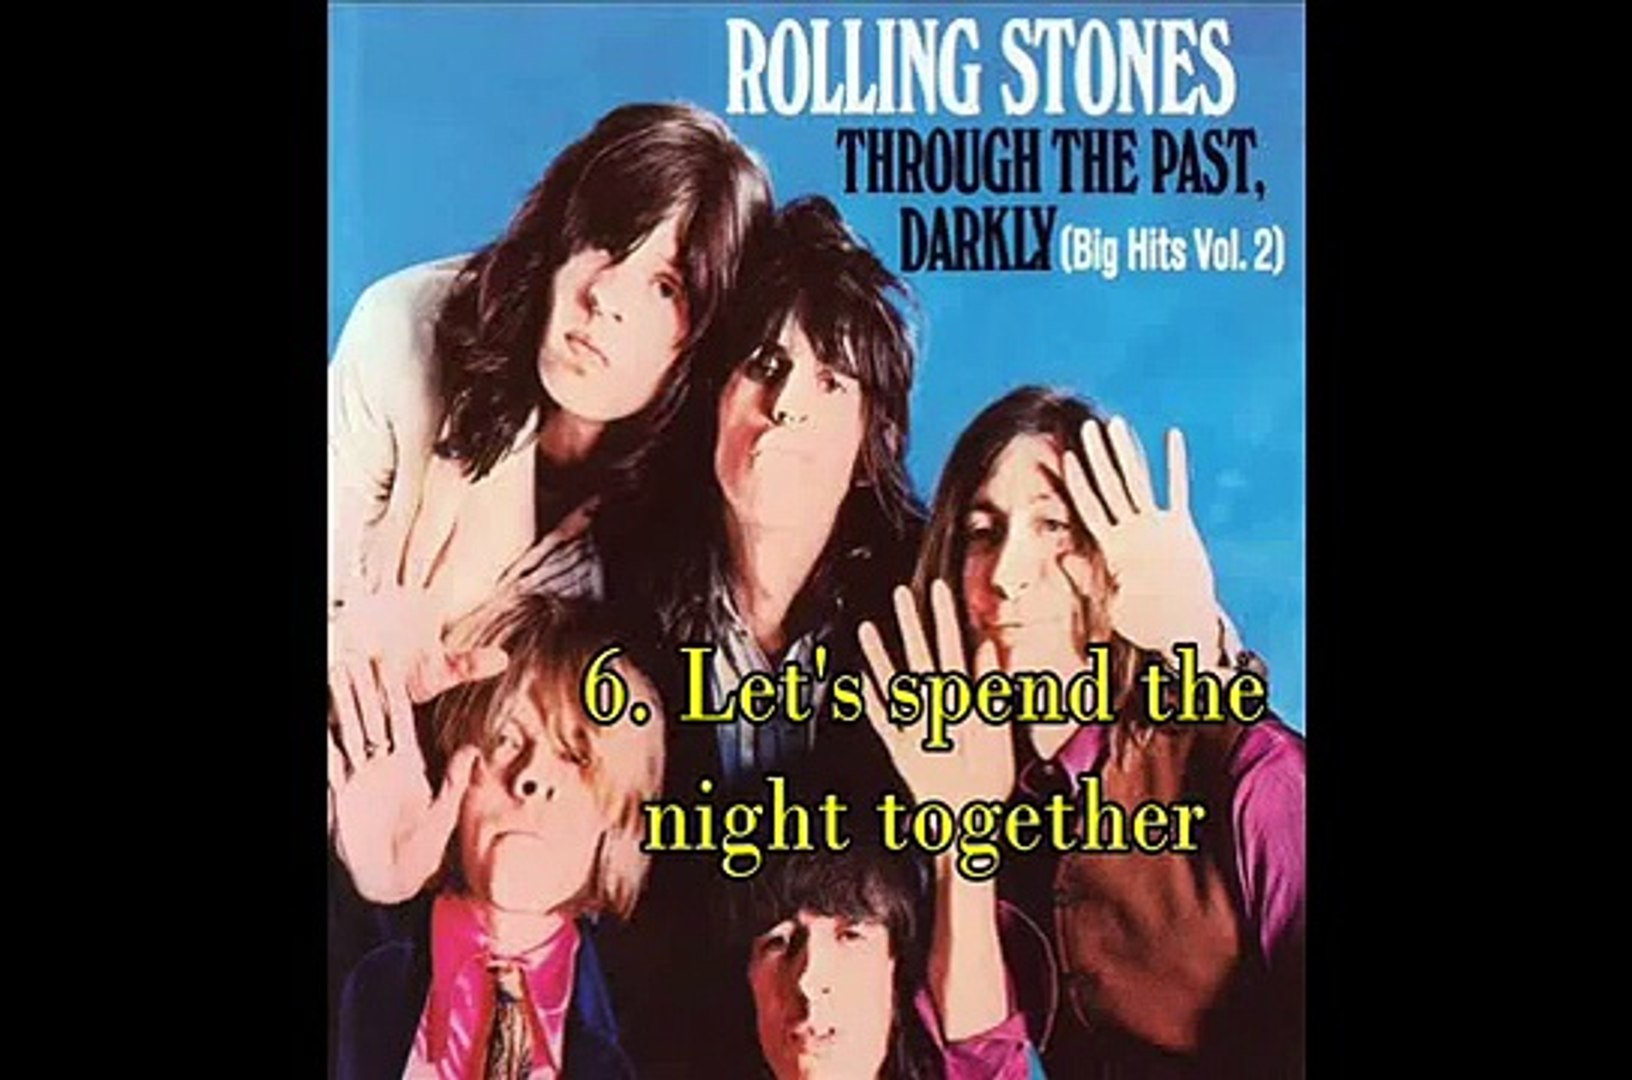 Through The Past Darkly (big hits vol 2) - Rolling Stones (Full album)